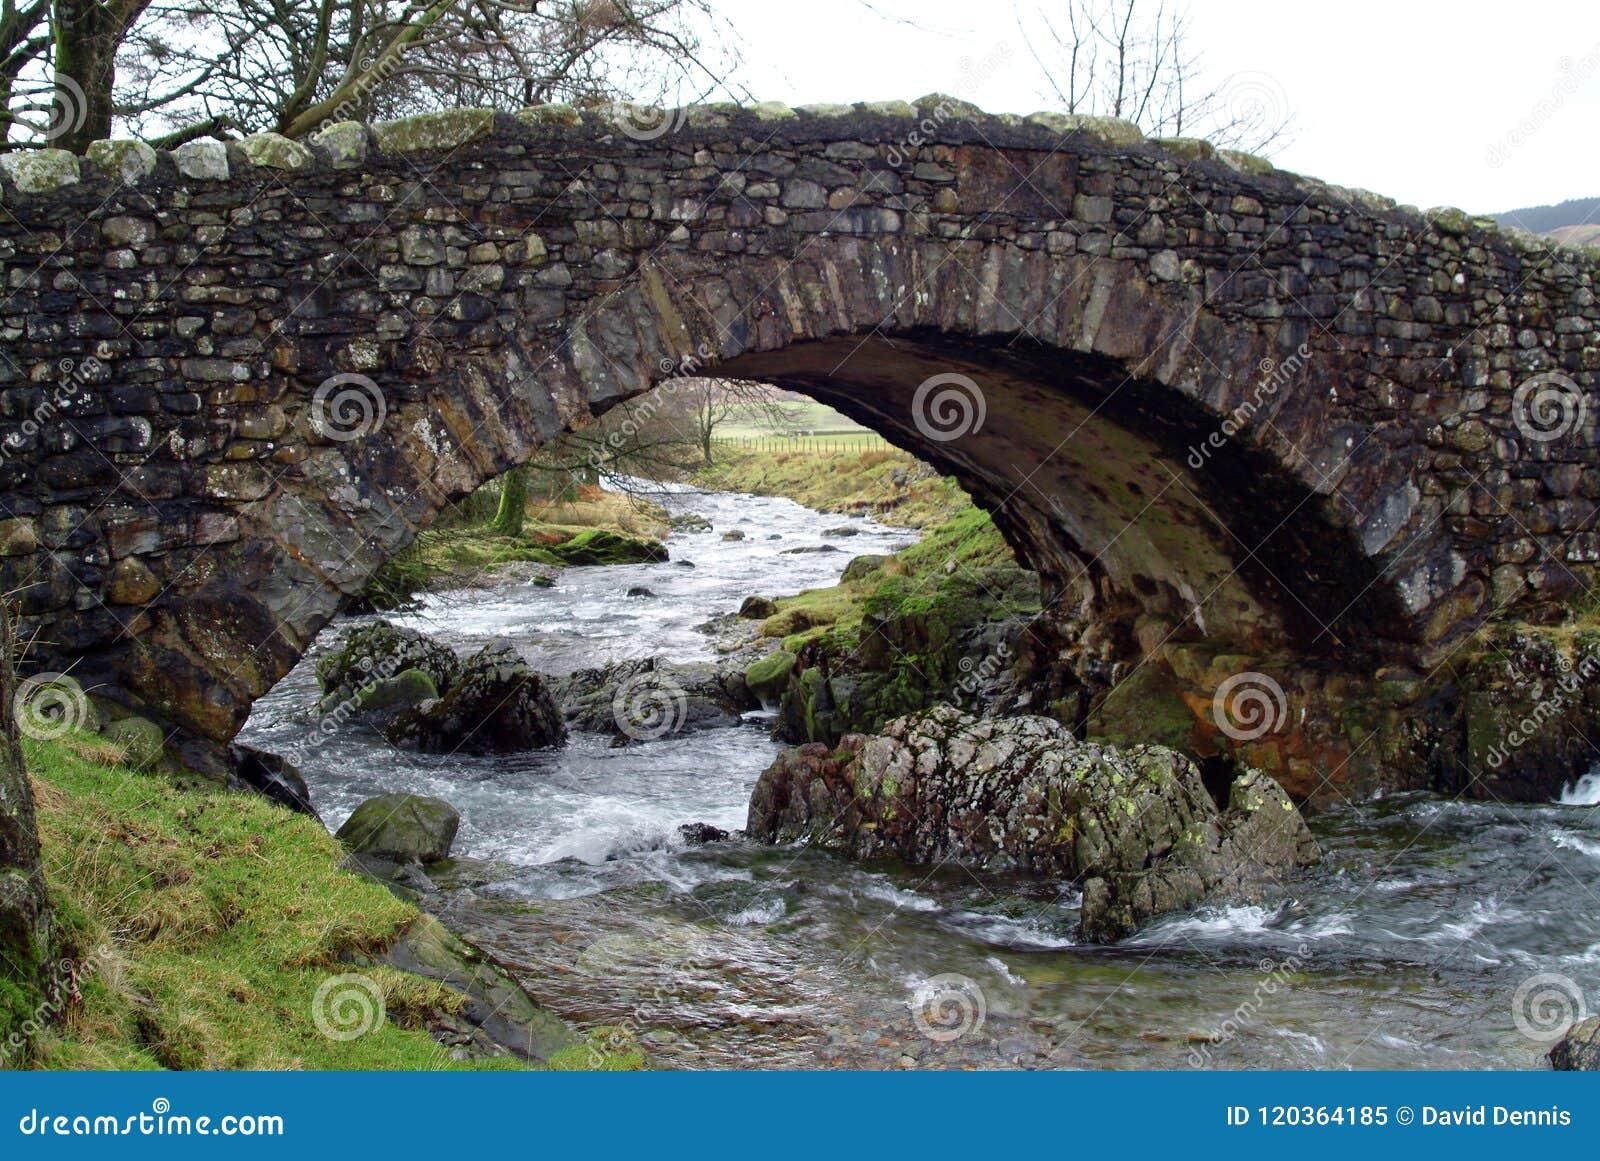 A humpback bridge in the English Lake District